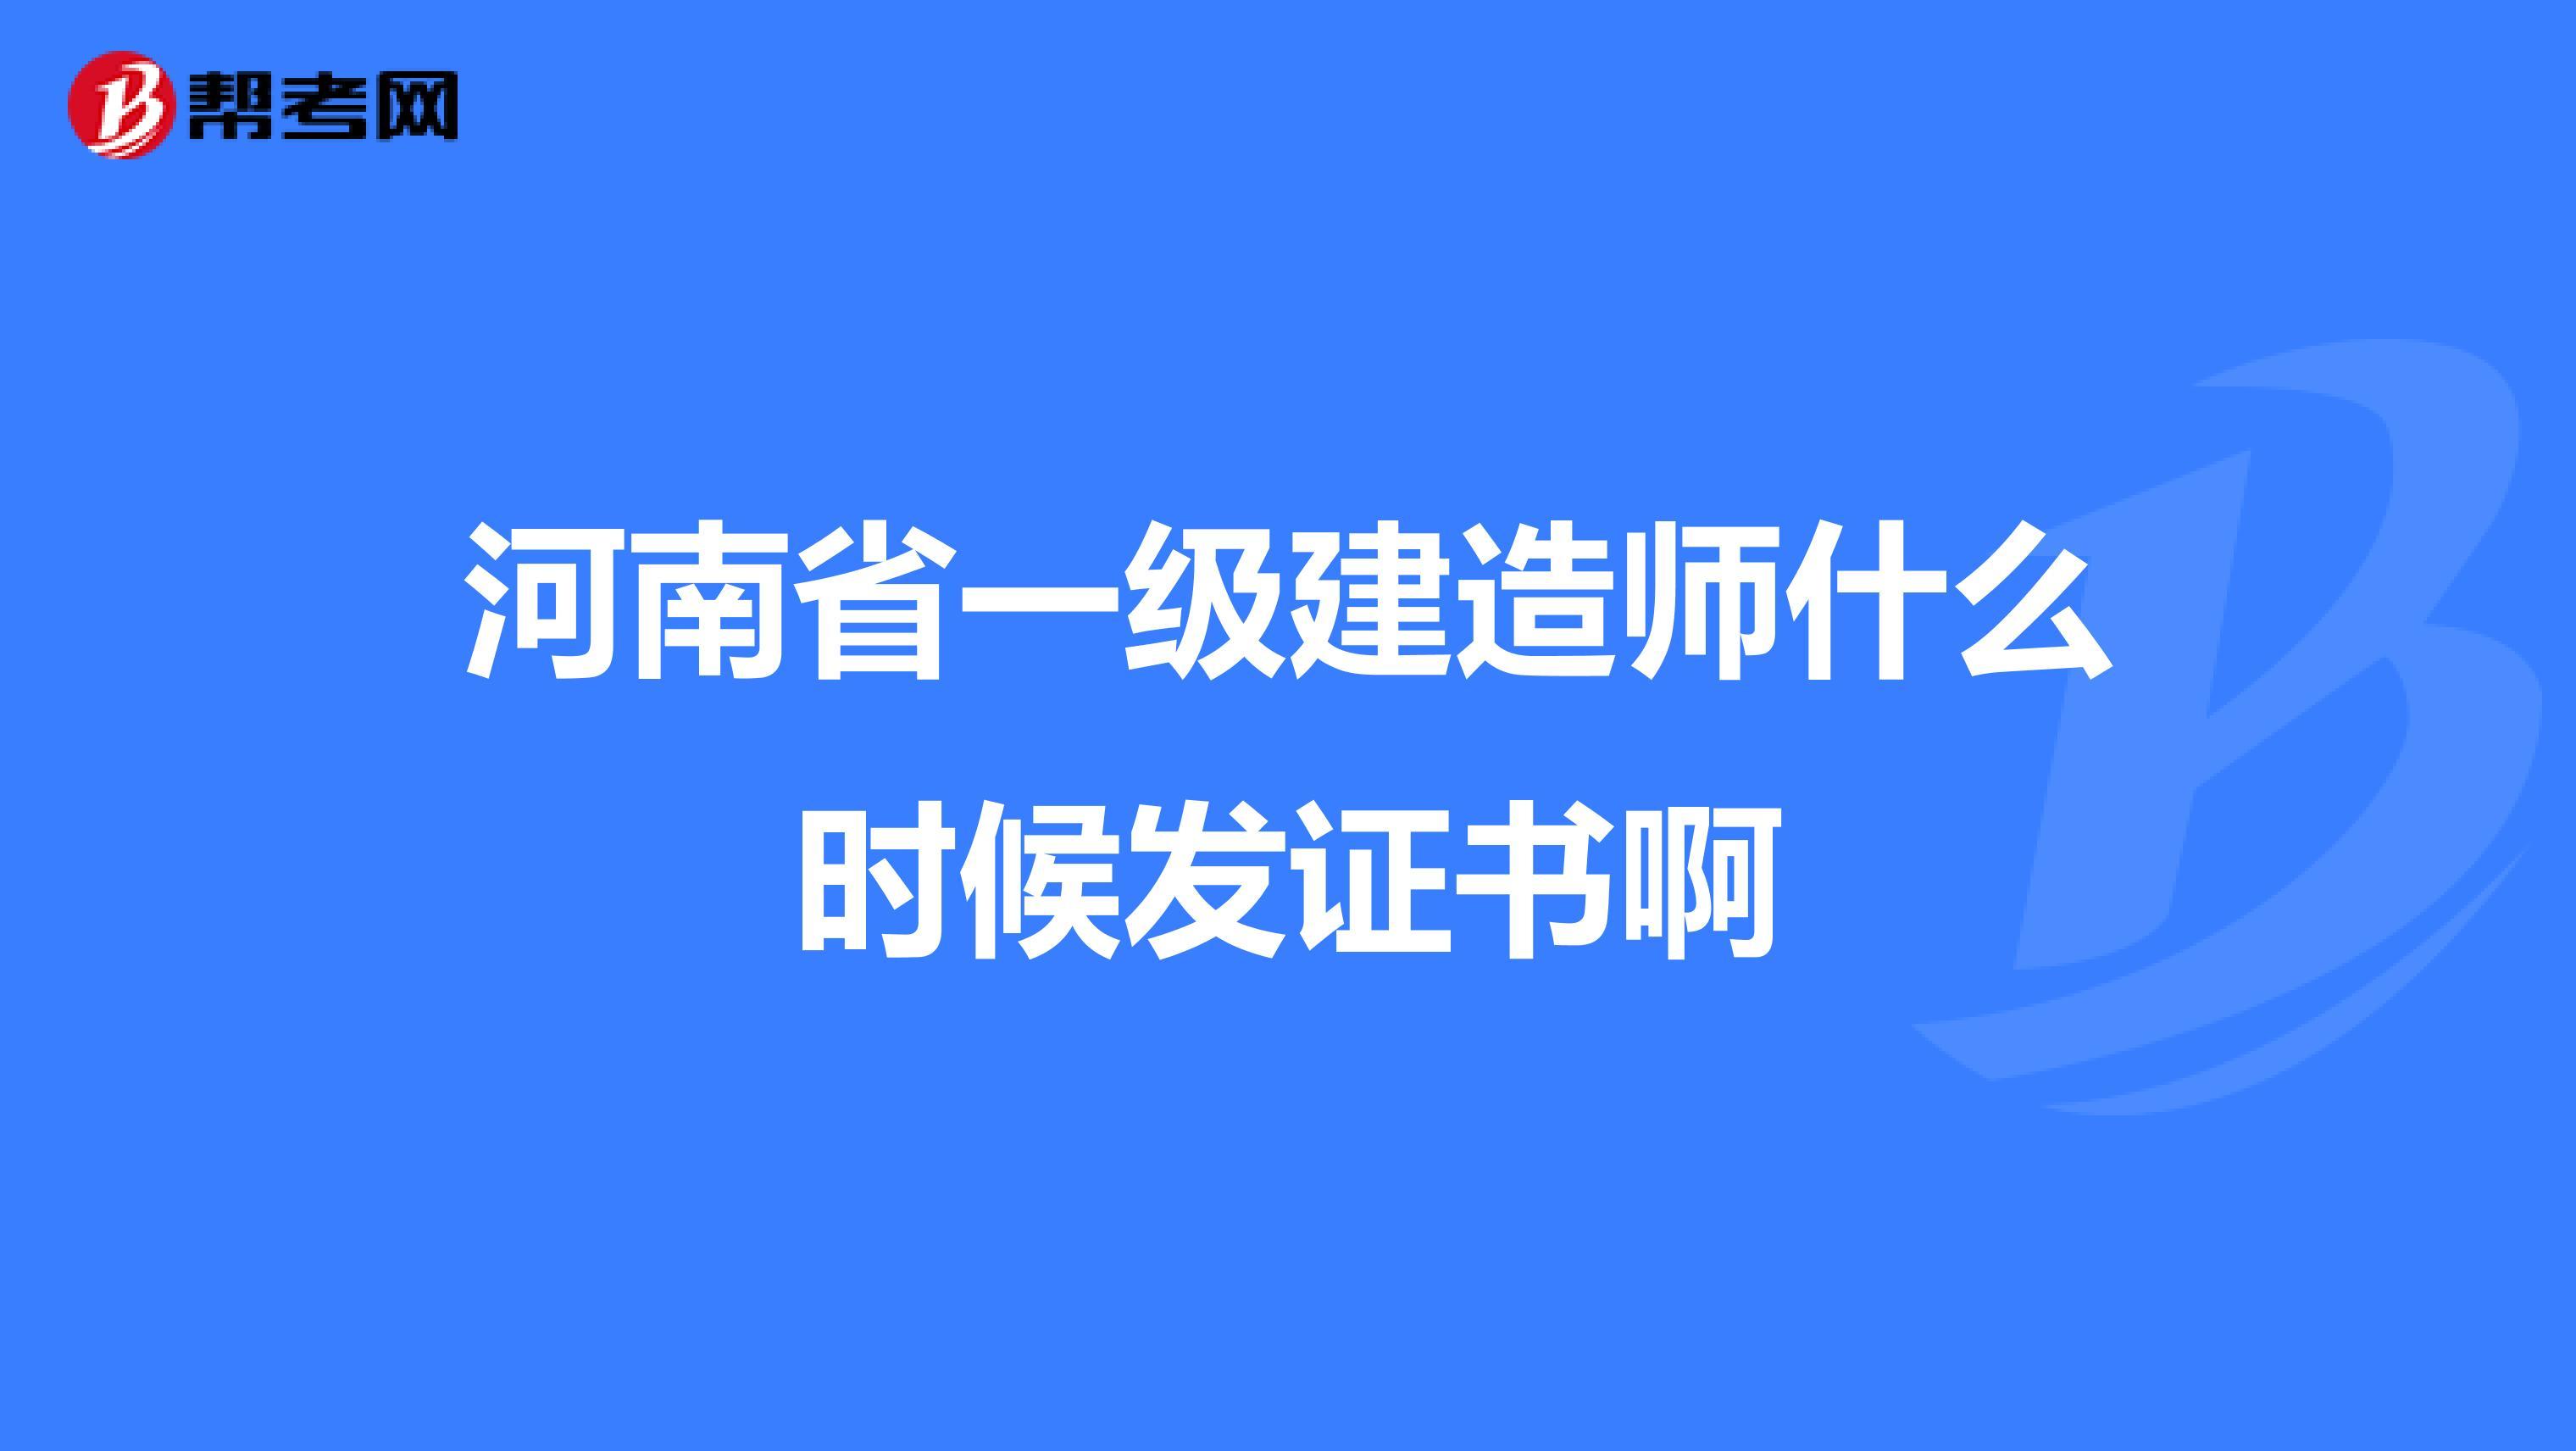 河南省【热竞技下载开户】一级建造师什么时候发证书啊